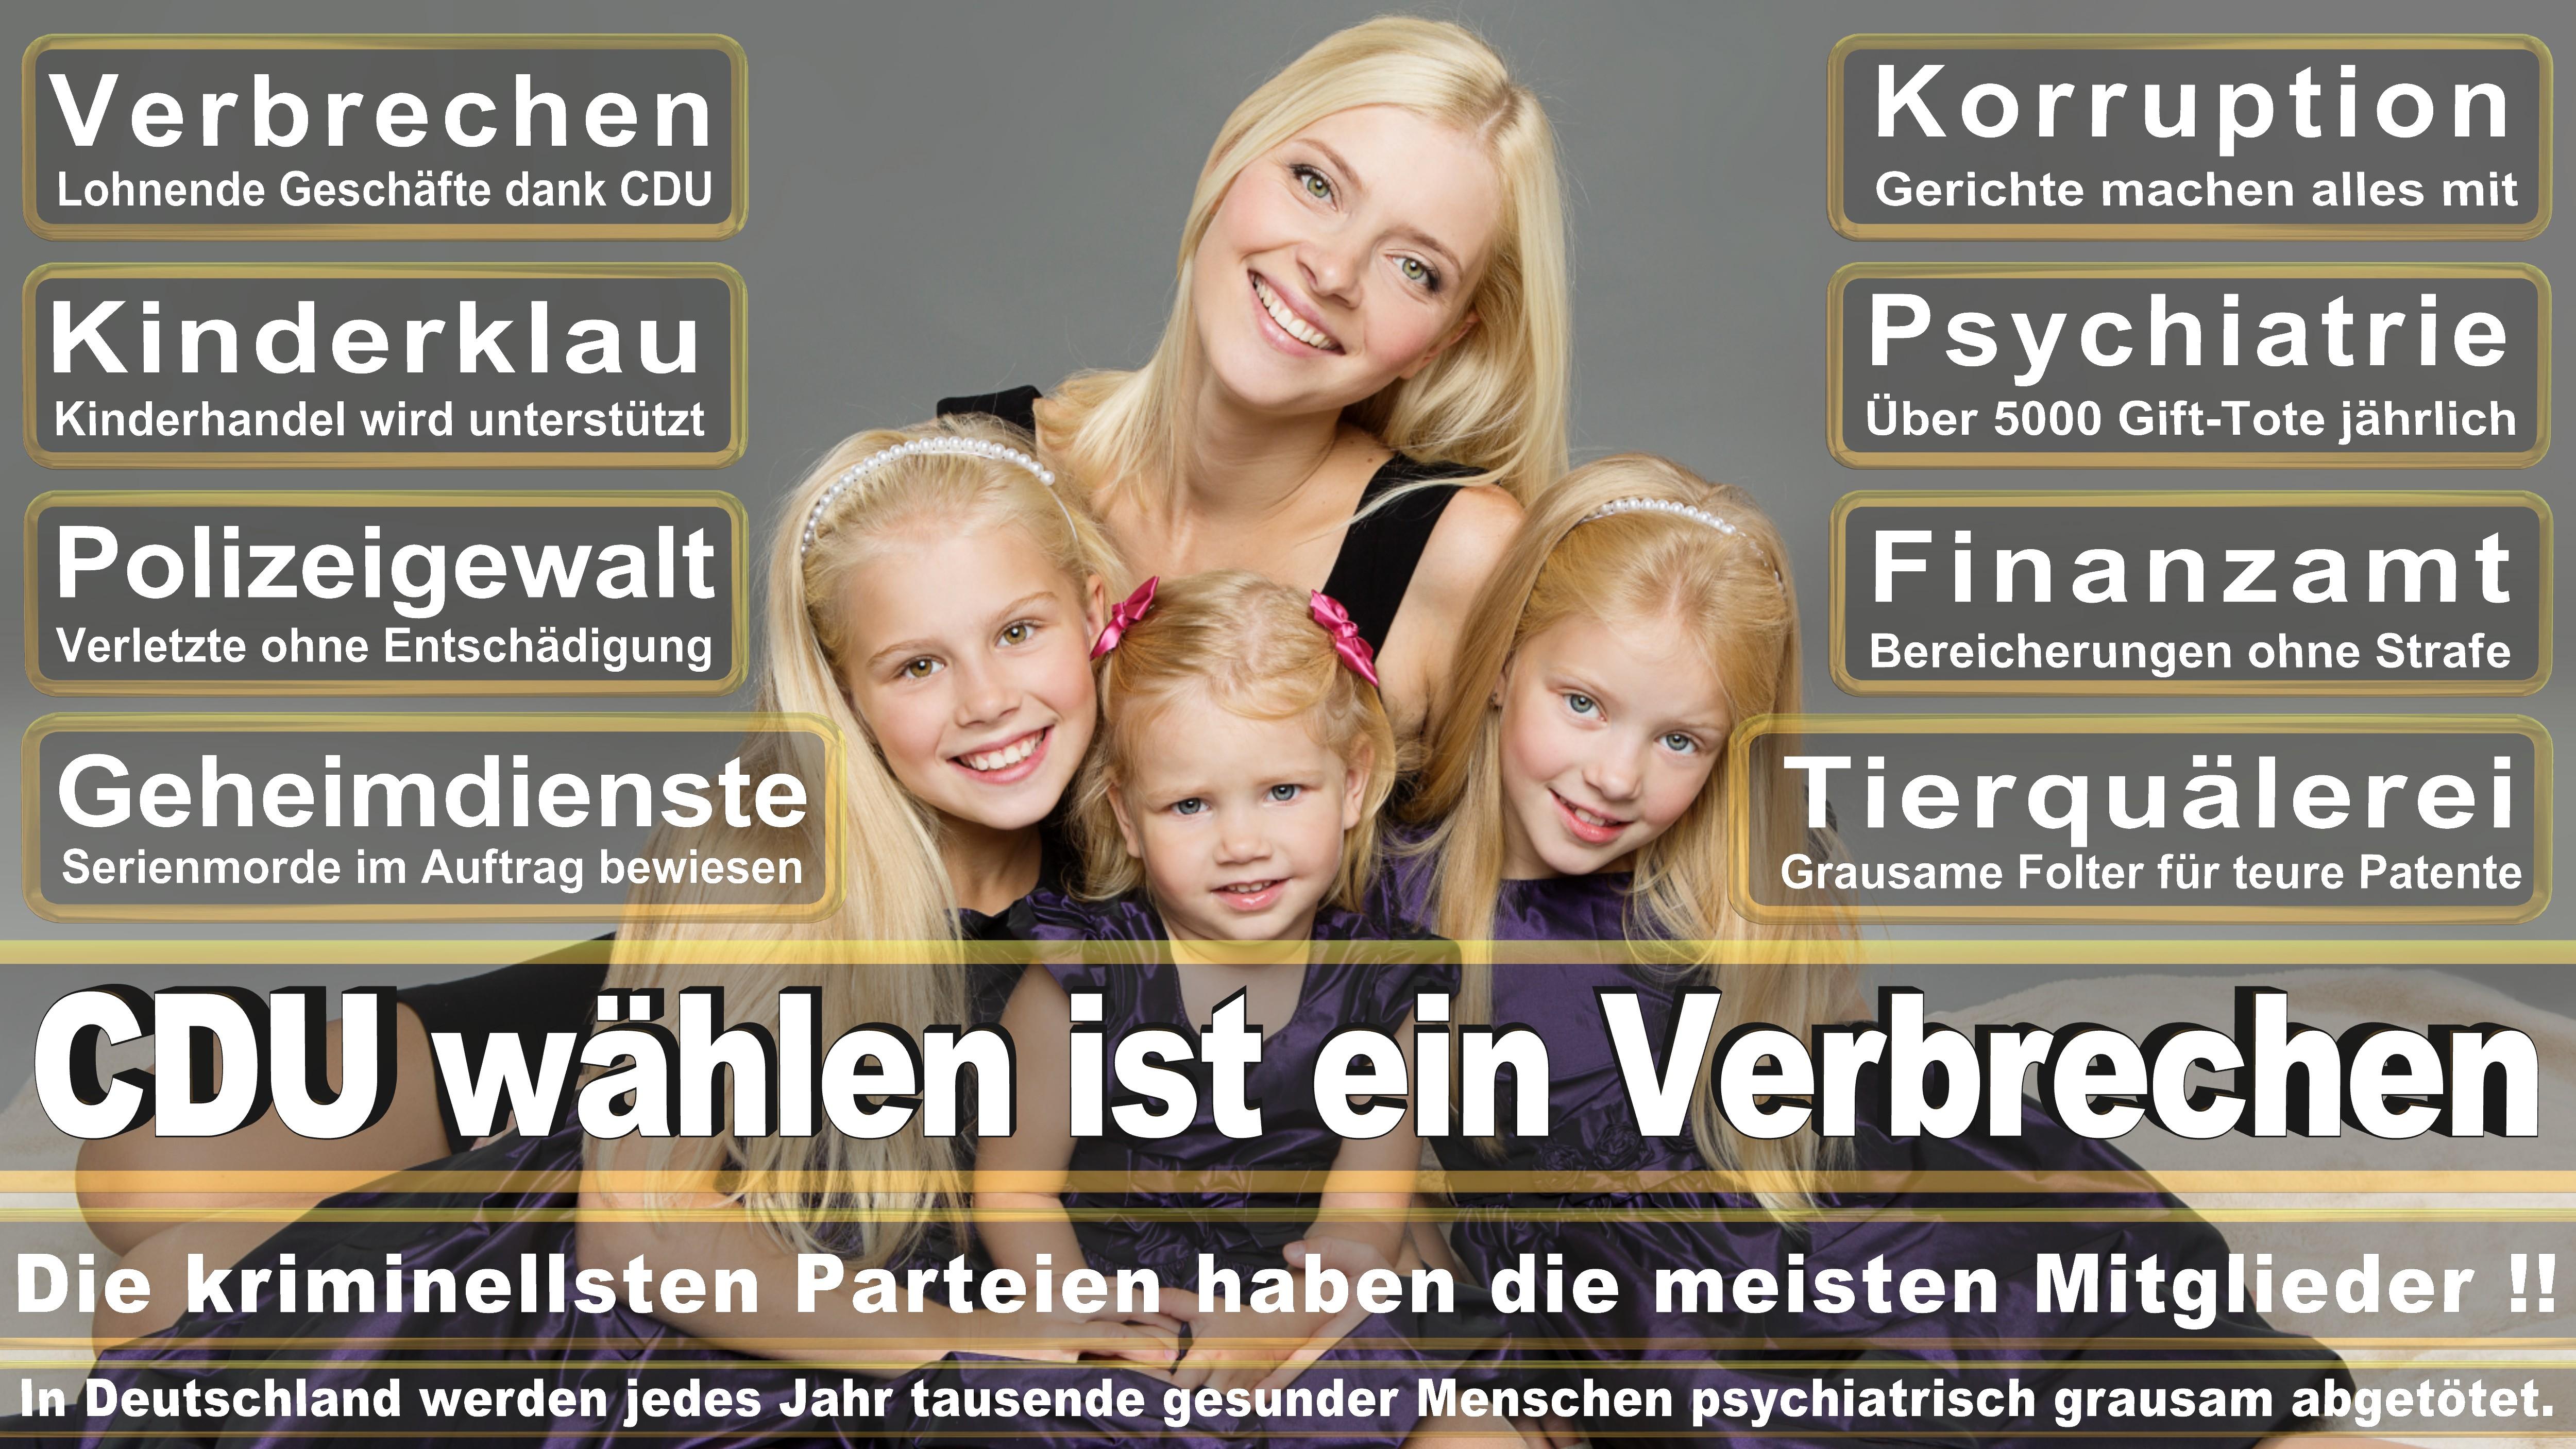 CDU, BIELEFELD, RATSMITGLIEDER, VORSTAND, ORTSVERBAND, MITGLIEDER (67)